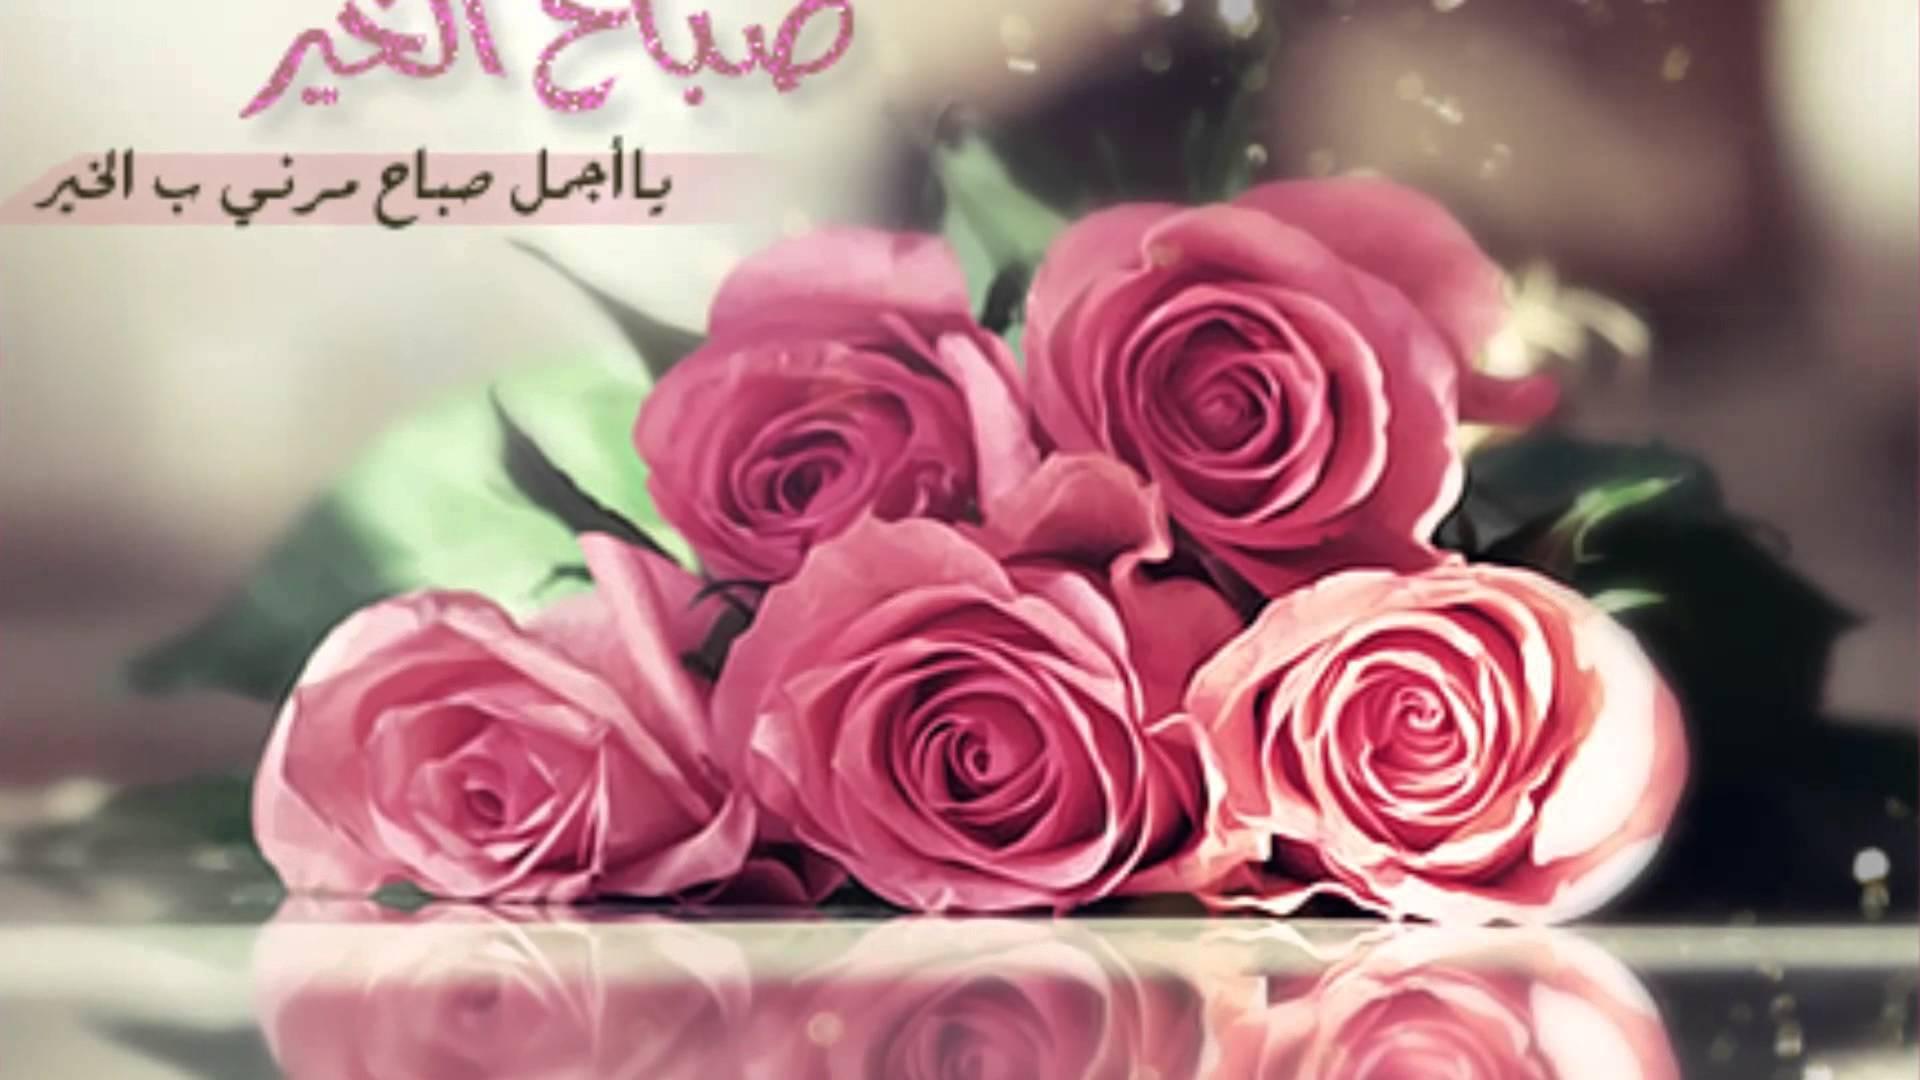 بالصور صور صباح الخير حبيبي , اجمل صباح رومانسي 4421 5